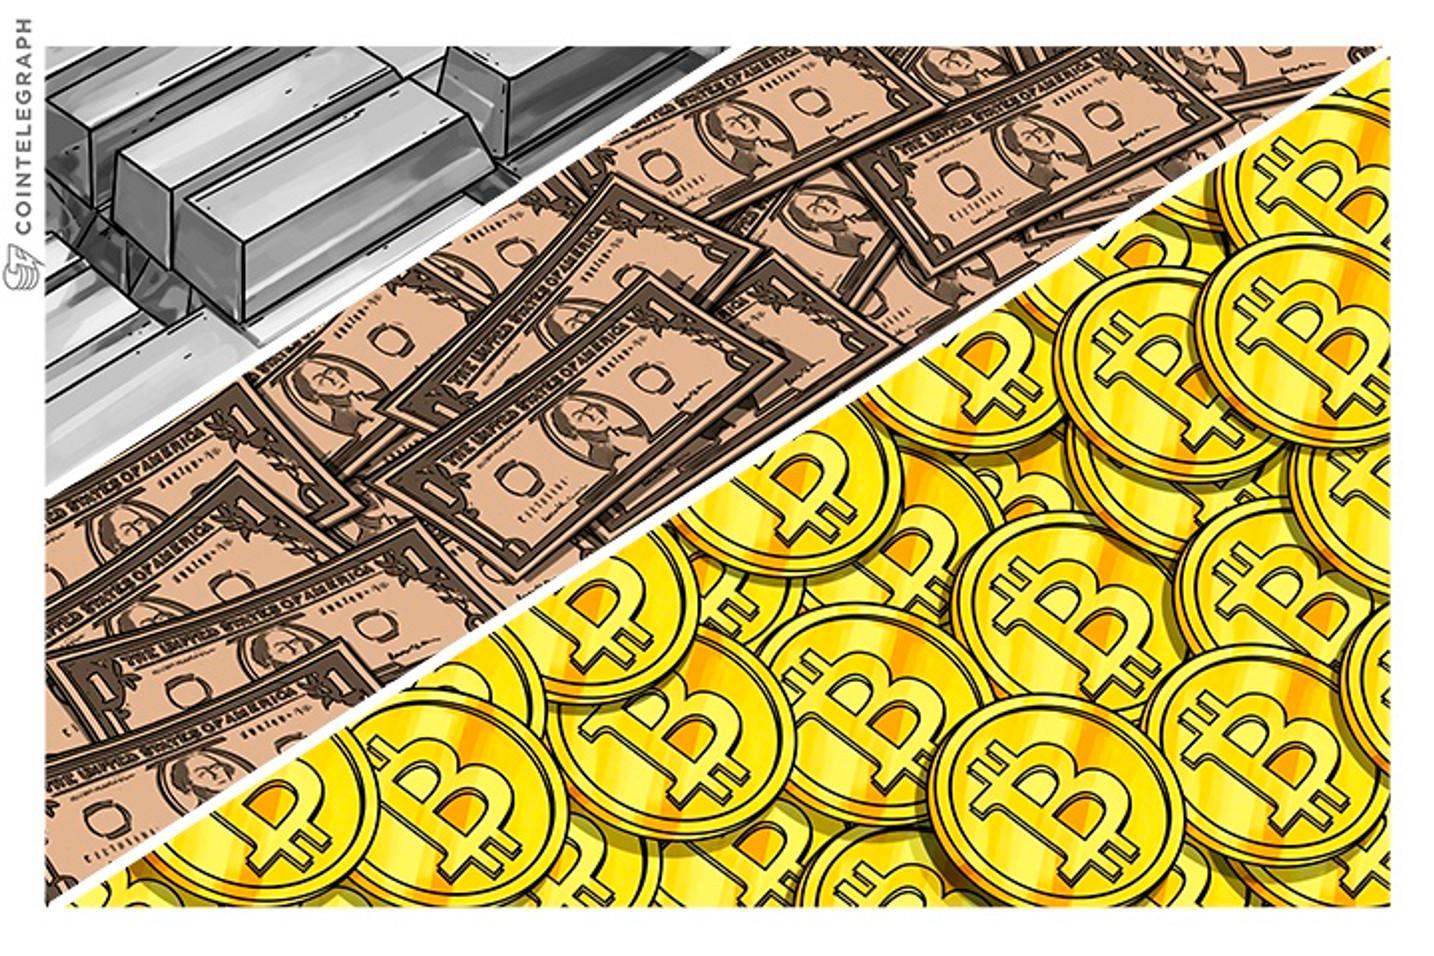 Compre los futuros, venda las noticias? Razones para el gran salto en el precio